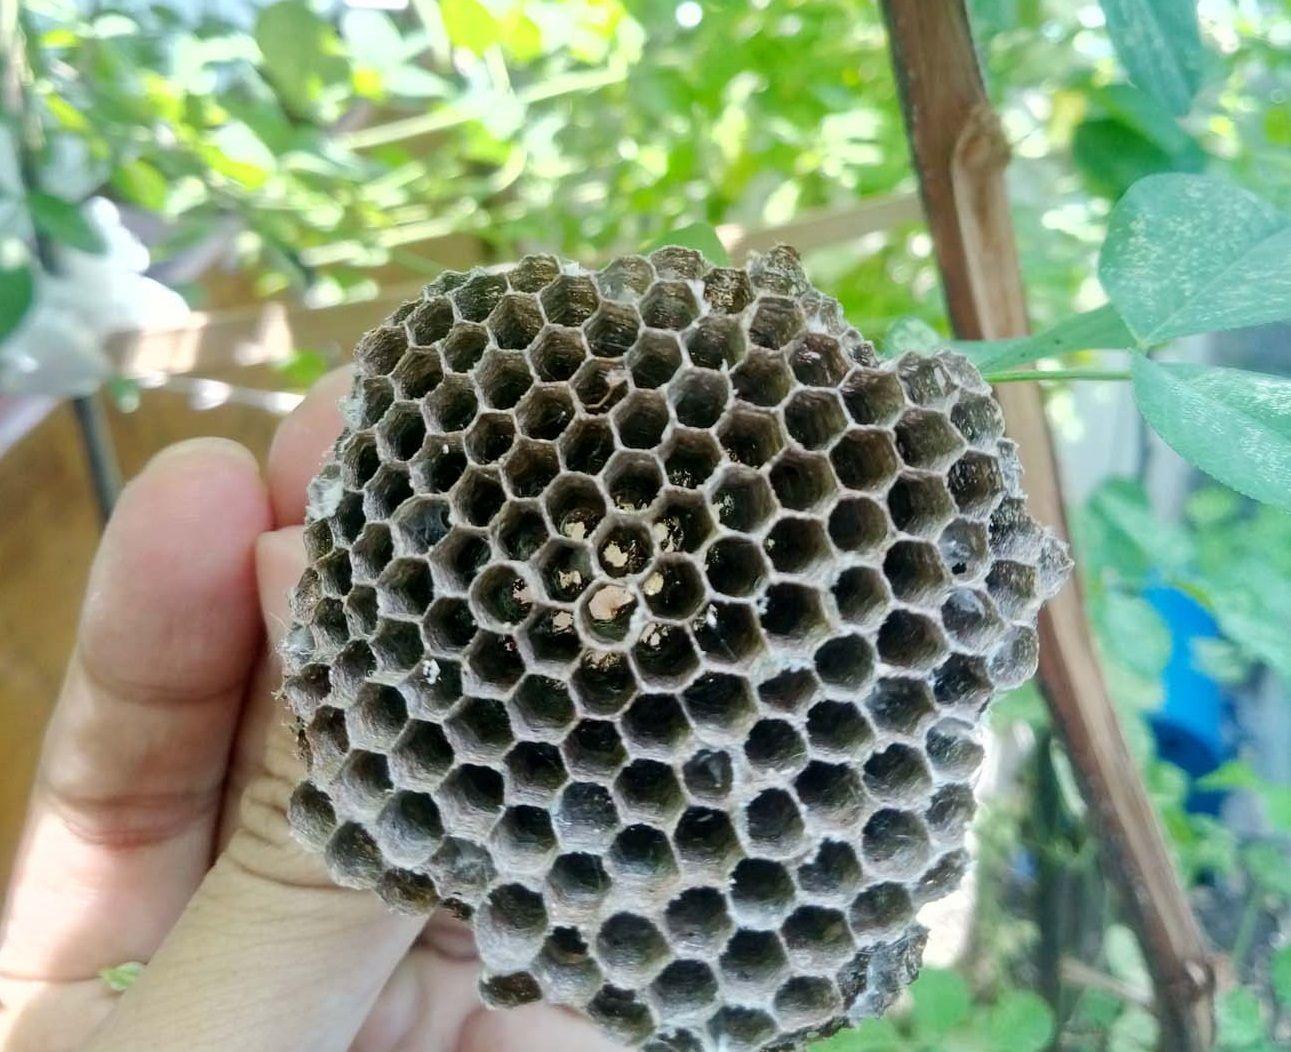 Sarang lebah yang rumit tapi indah, menunjukkan mutu binatang yang sangat berjasa. (Foto: dok. pri)